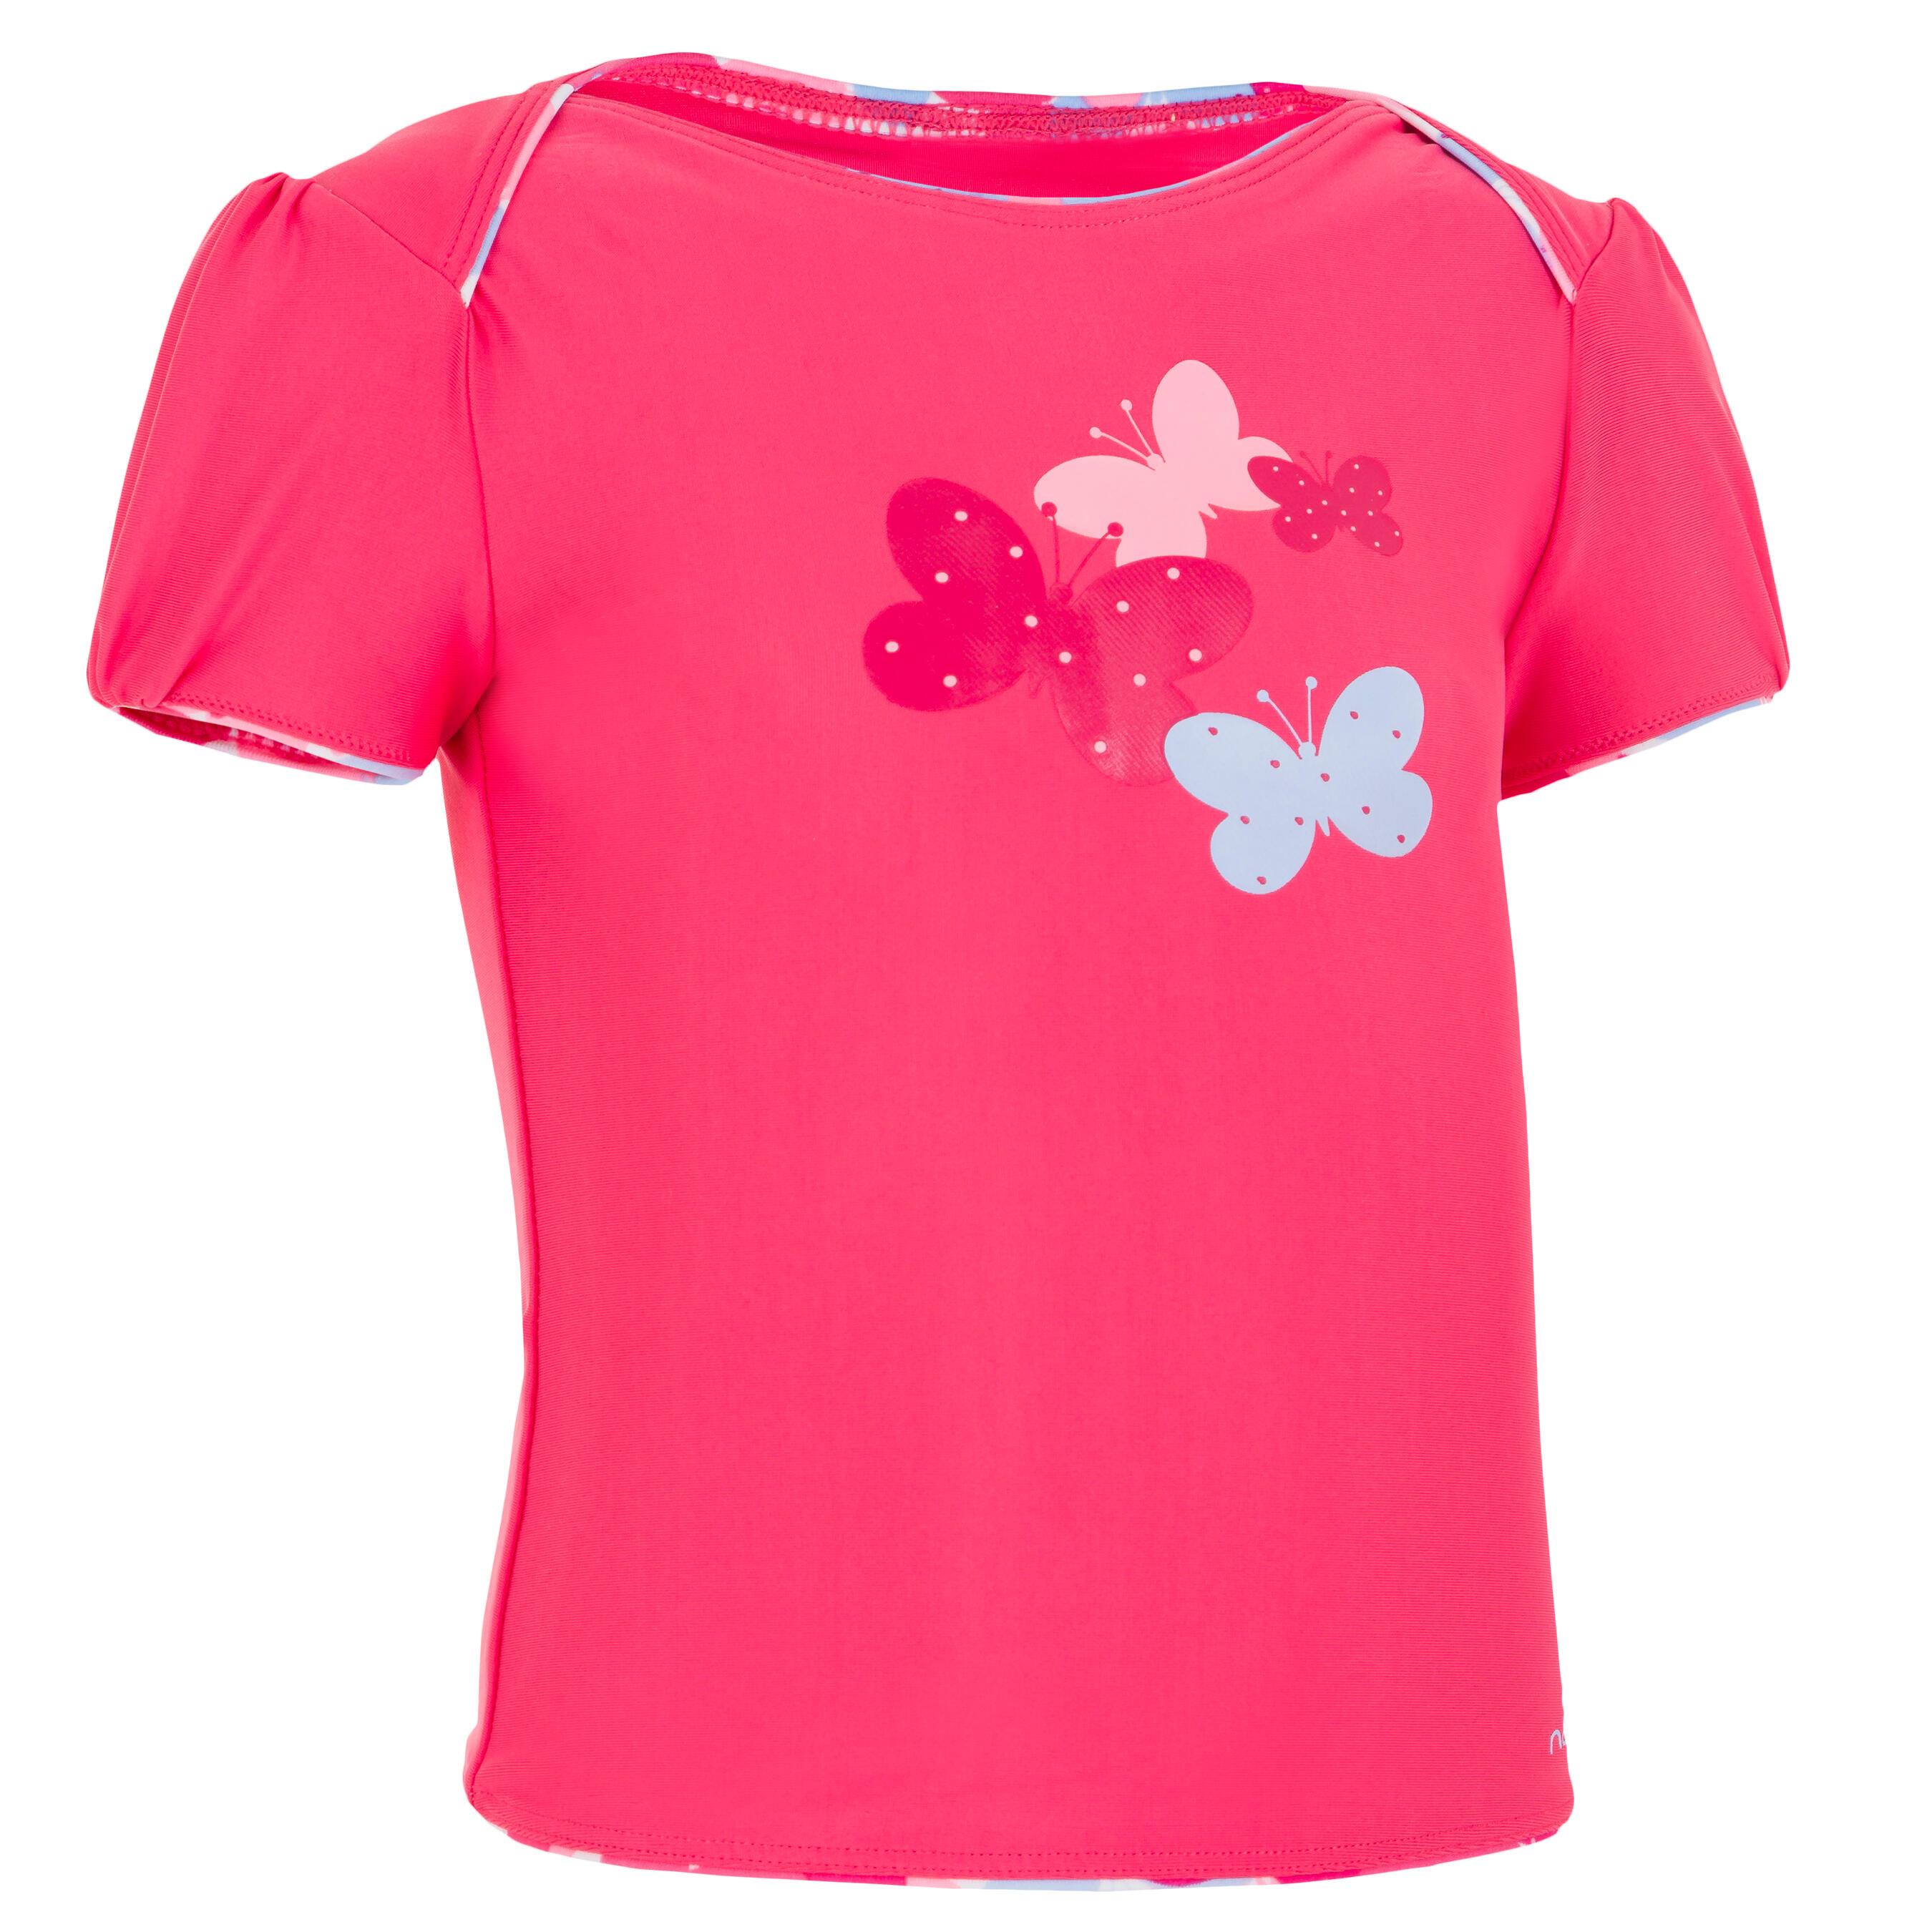 Traje de baño para bebé niña tankini top rosa con estampado